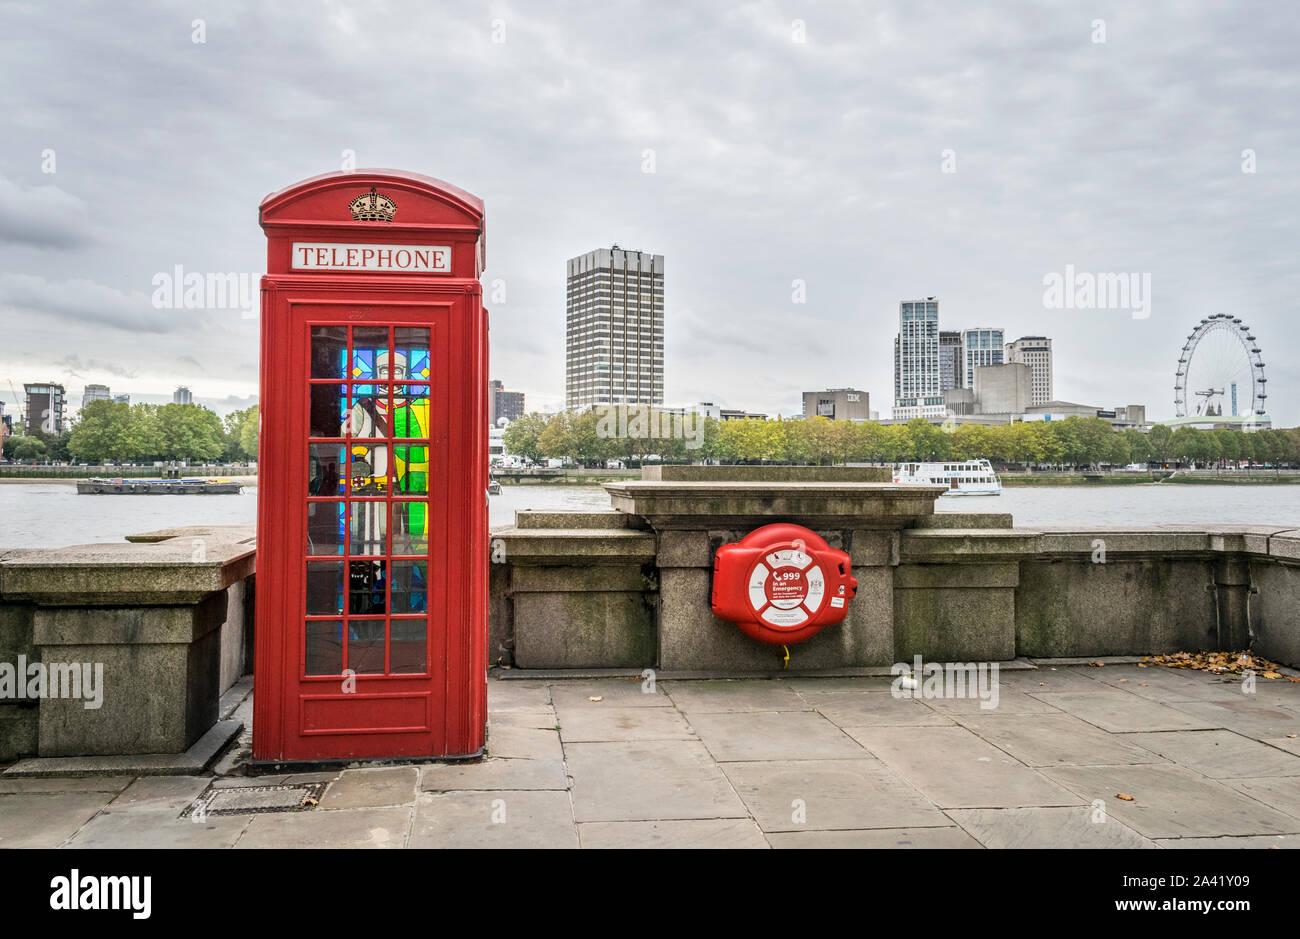 El viejo estilo de Londres Teléfono Caja con vidrieras en el panel posterior con el Ojo de Londres en la distancia y el río Támesis en Londres, Inglaterra Foto de stock